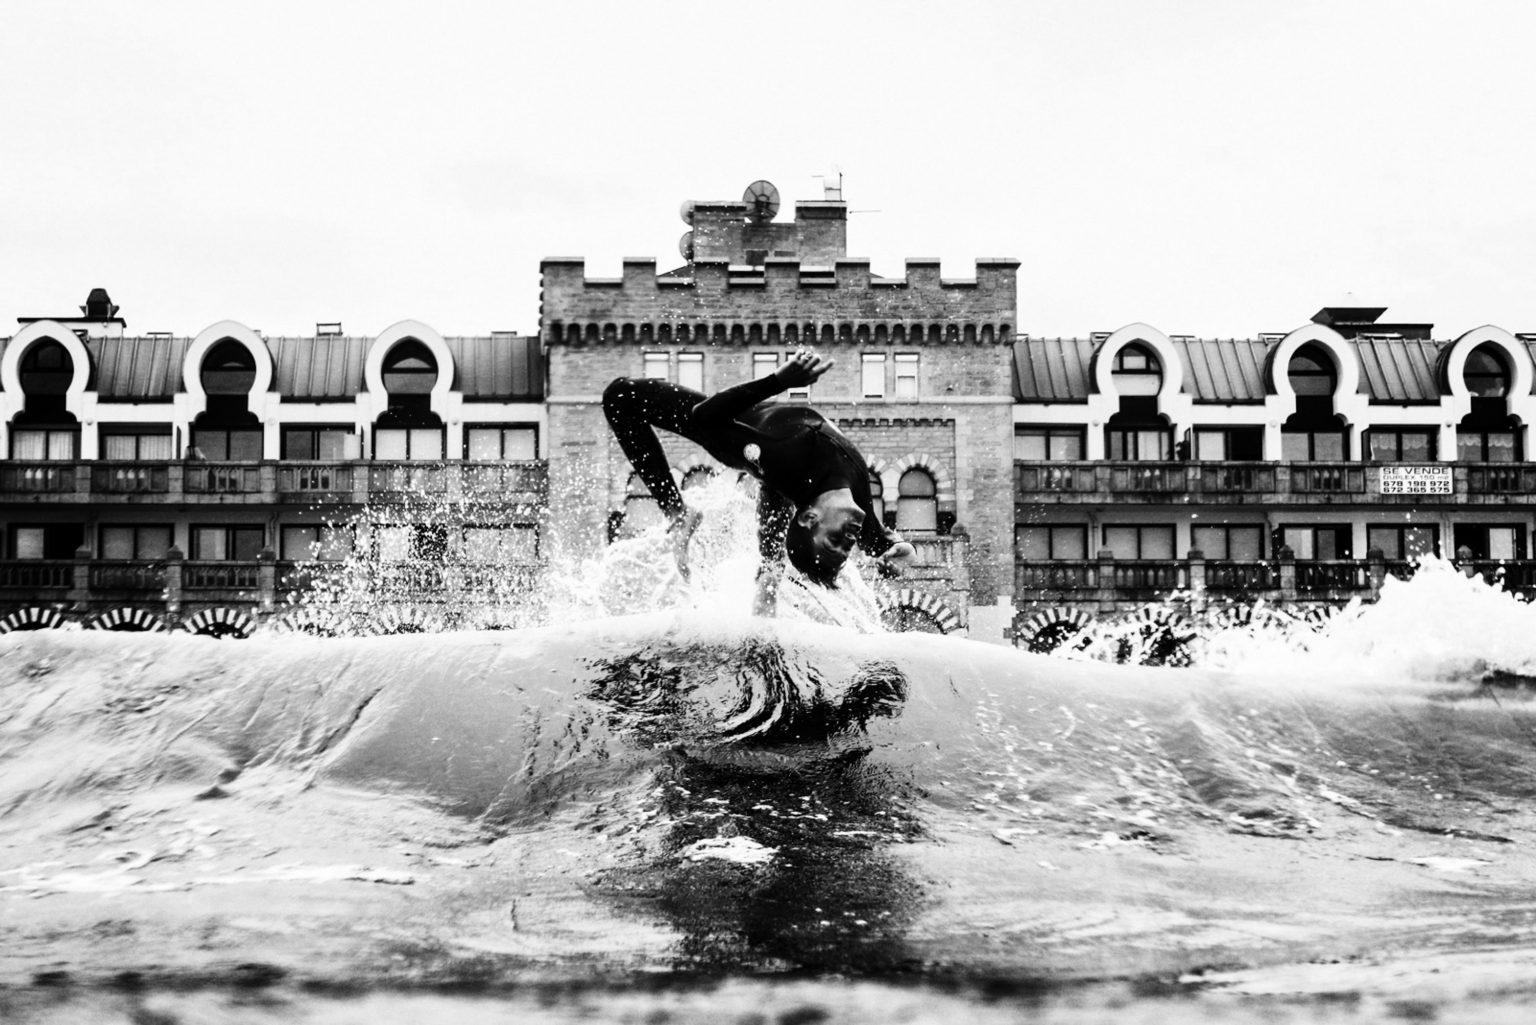 Saut d'un surfeur à la plage d'hendaye, deriere, l'ancien casino de la ville qui se situe au bord de l'eau